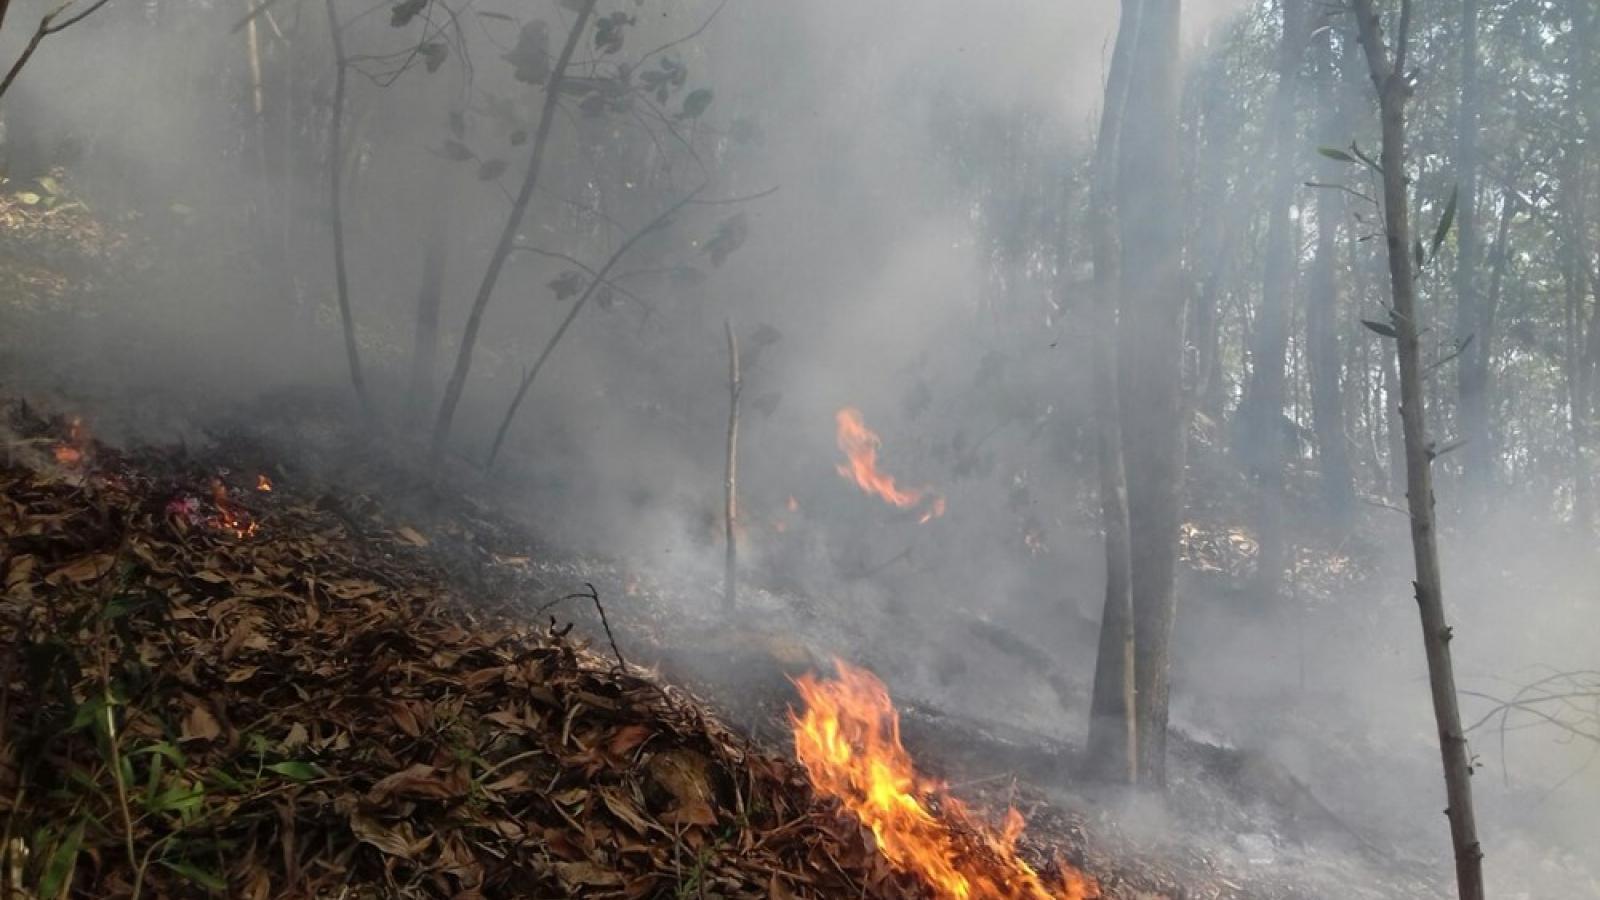 Hải Phòng: 2 vụ cháy rừng liên tiếp trong ngày do nắng nóng